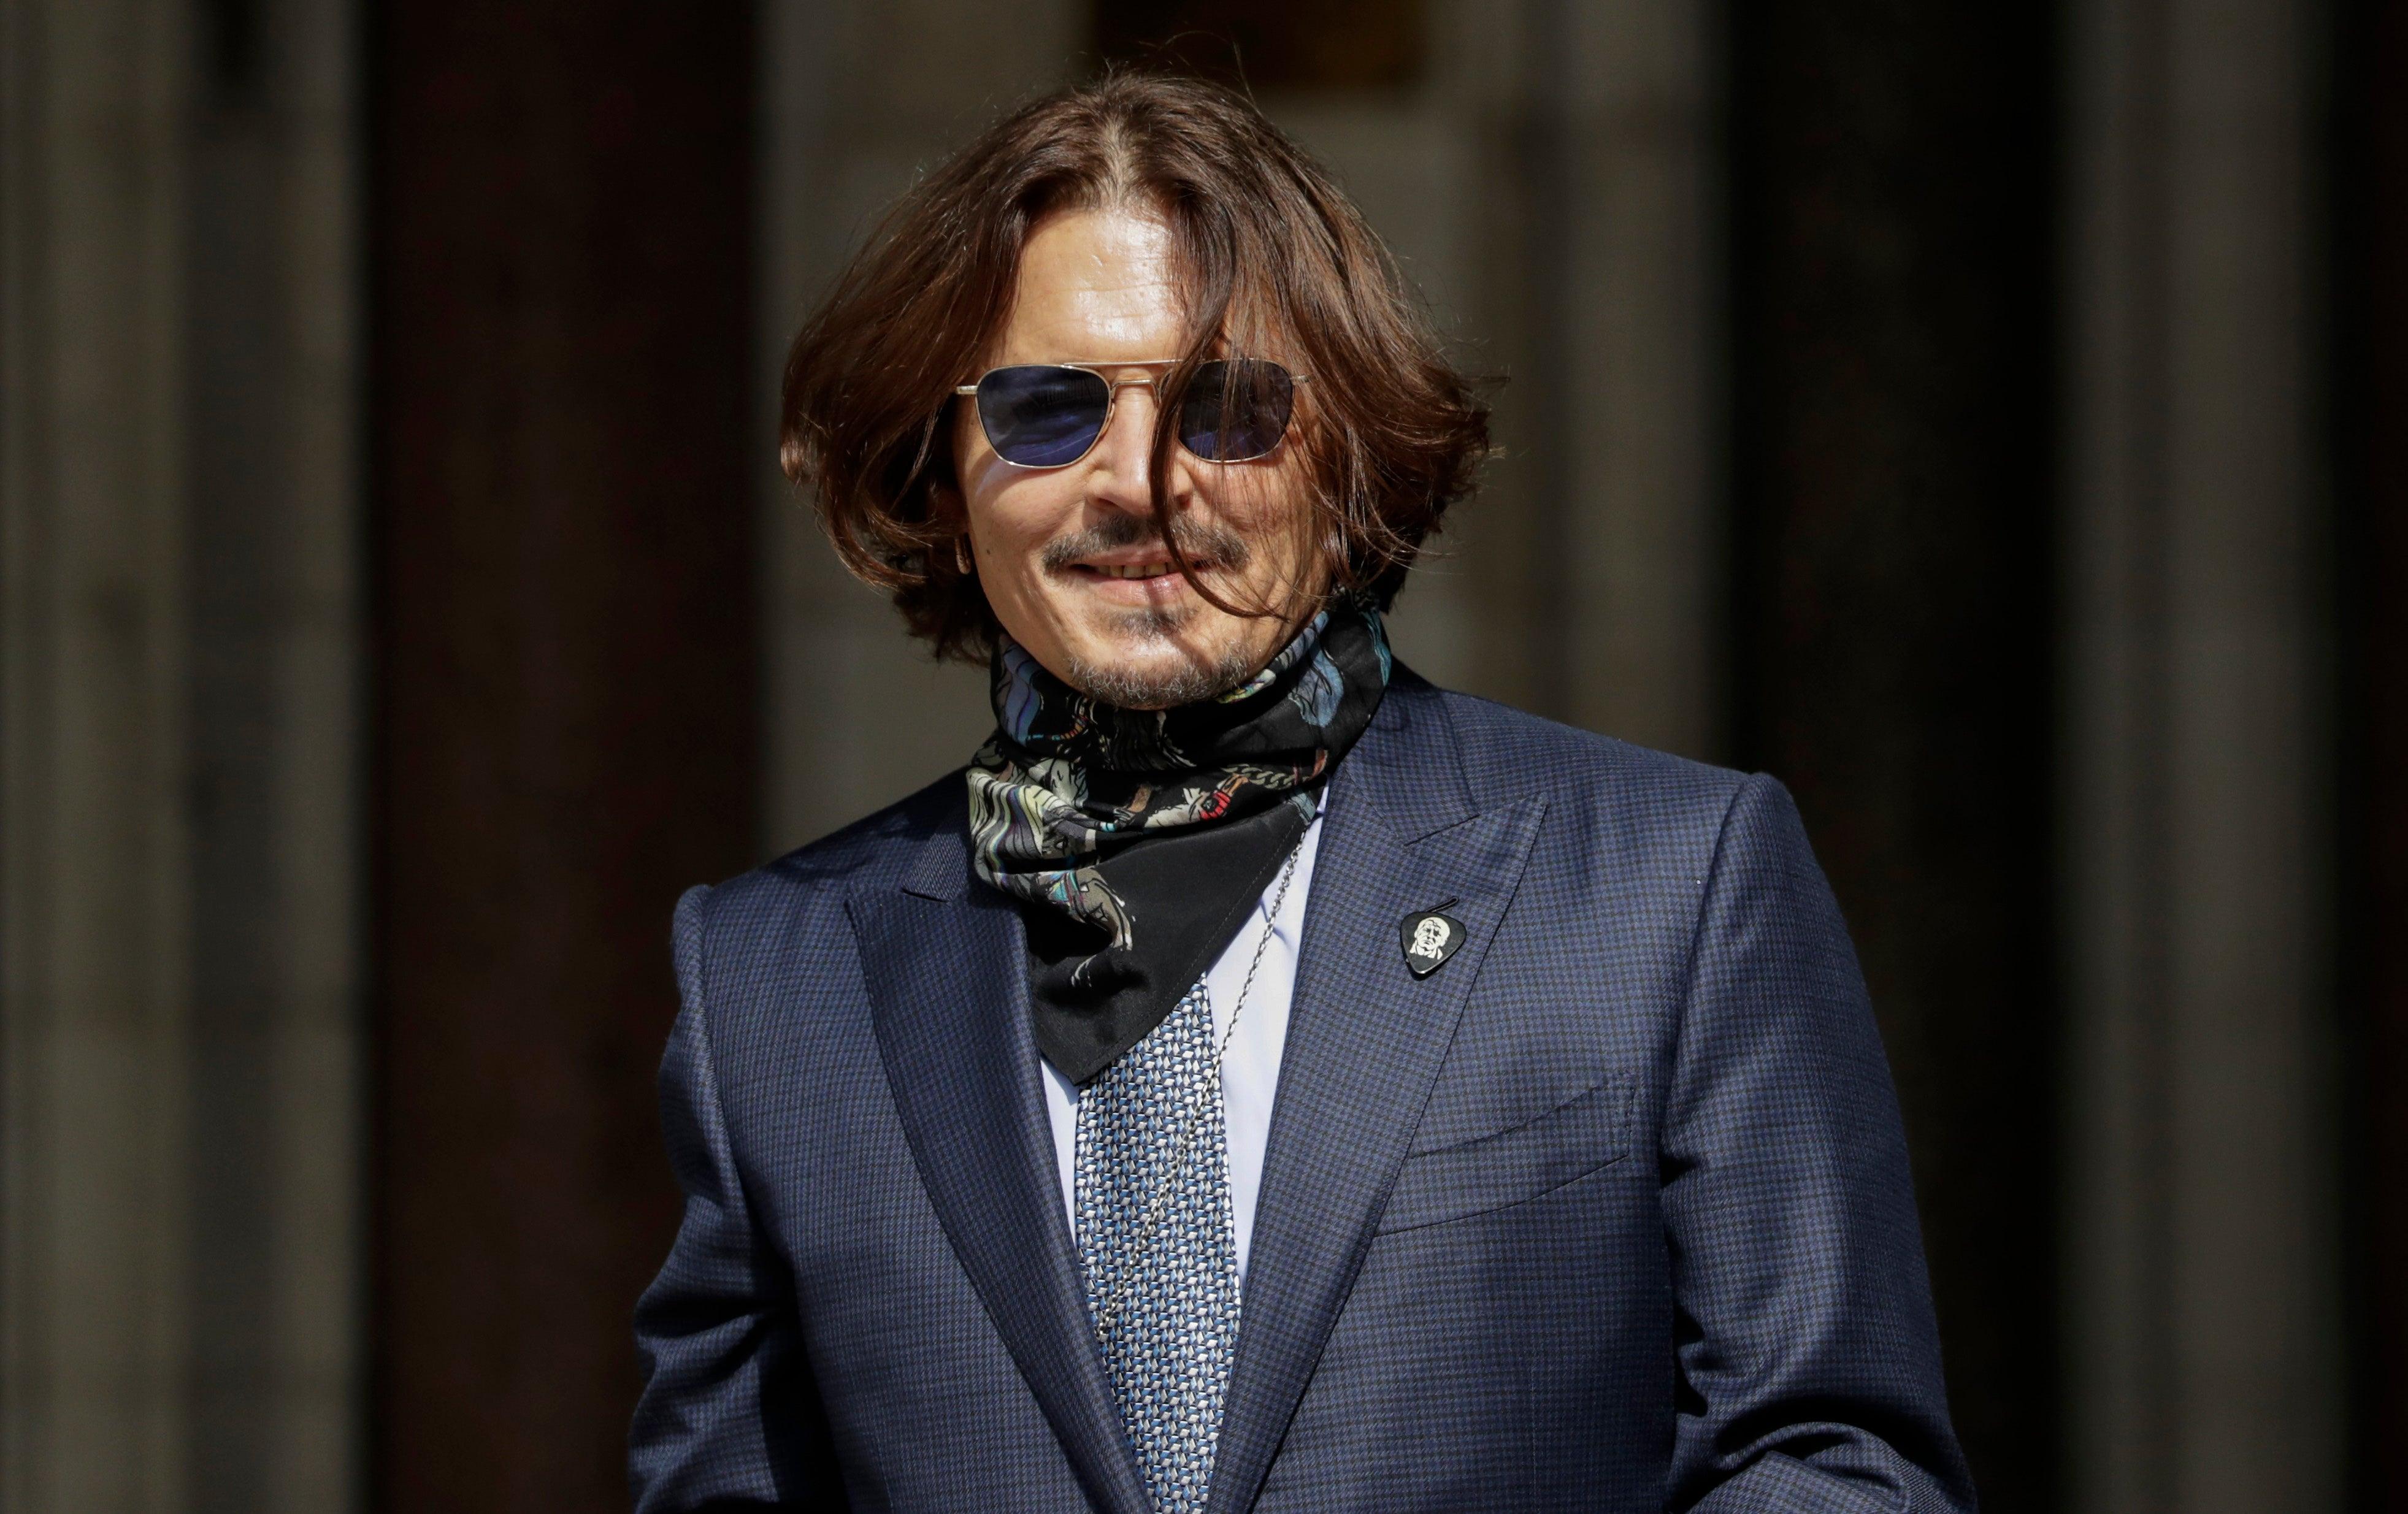 Johnny Depp, Golden Globe winner